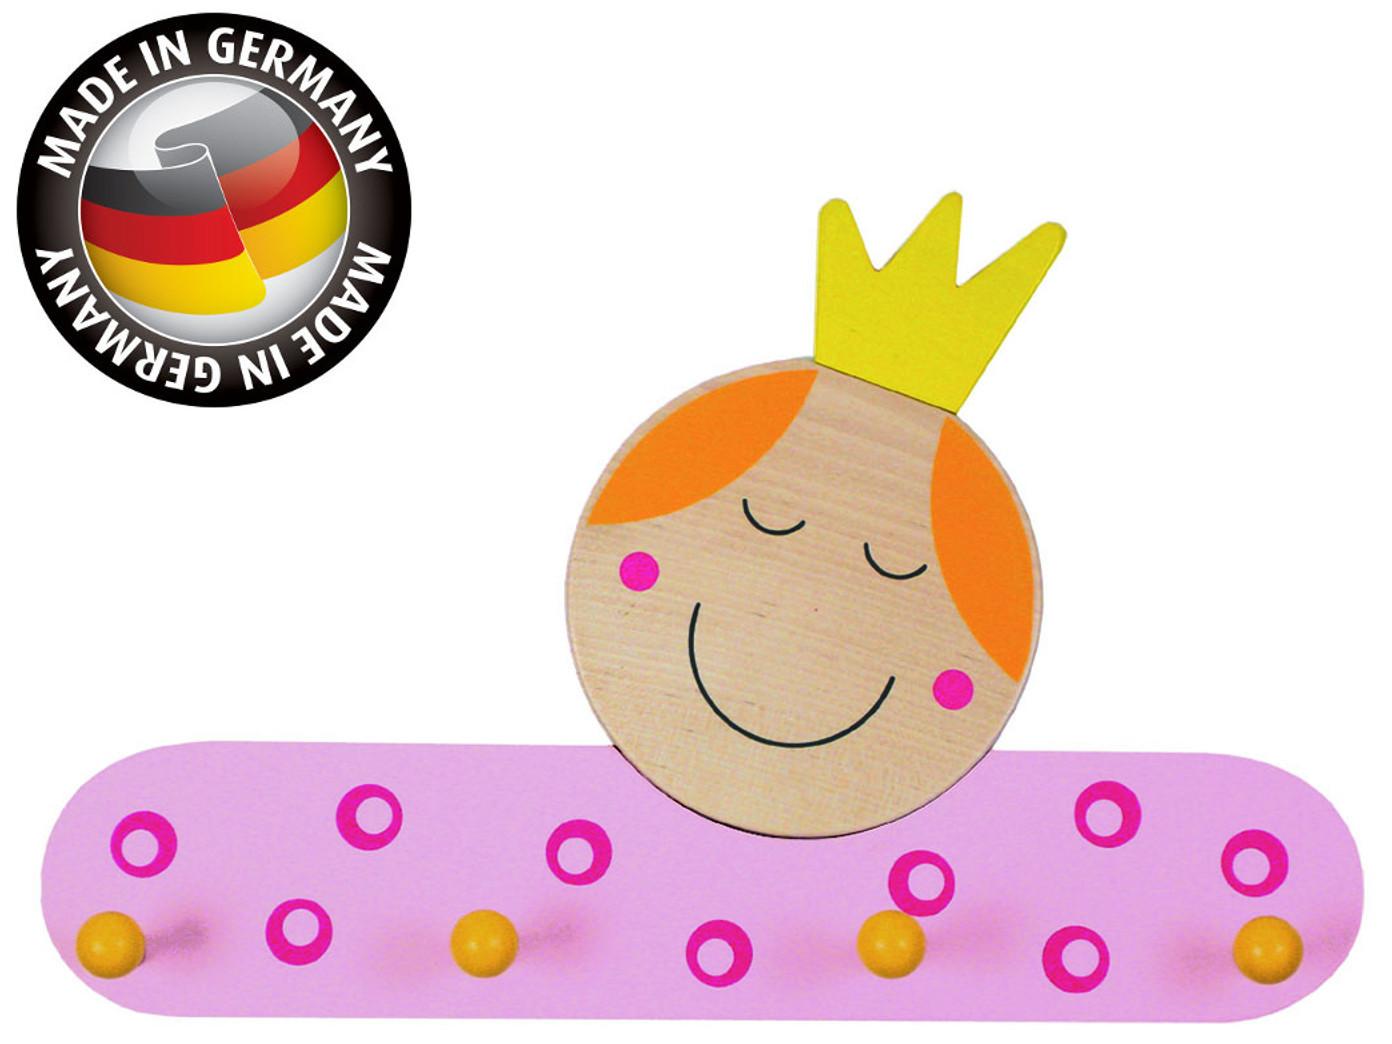 Prinzesson-Haken